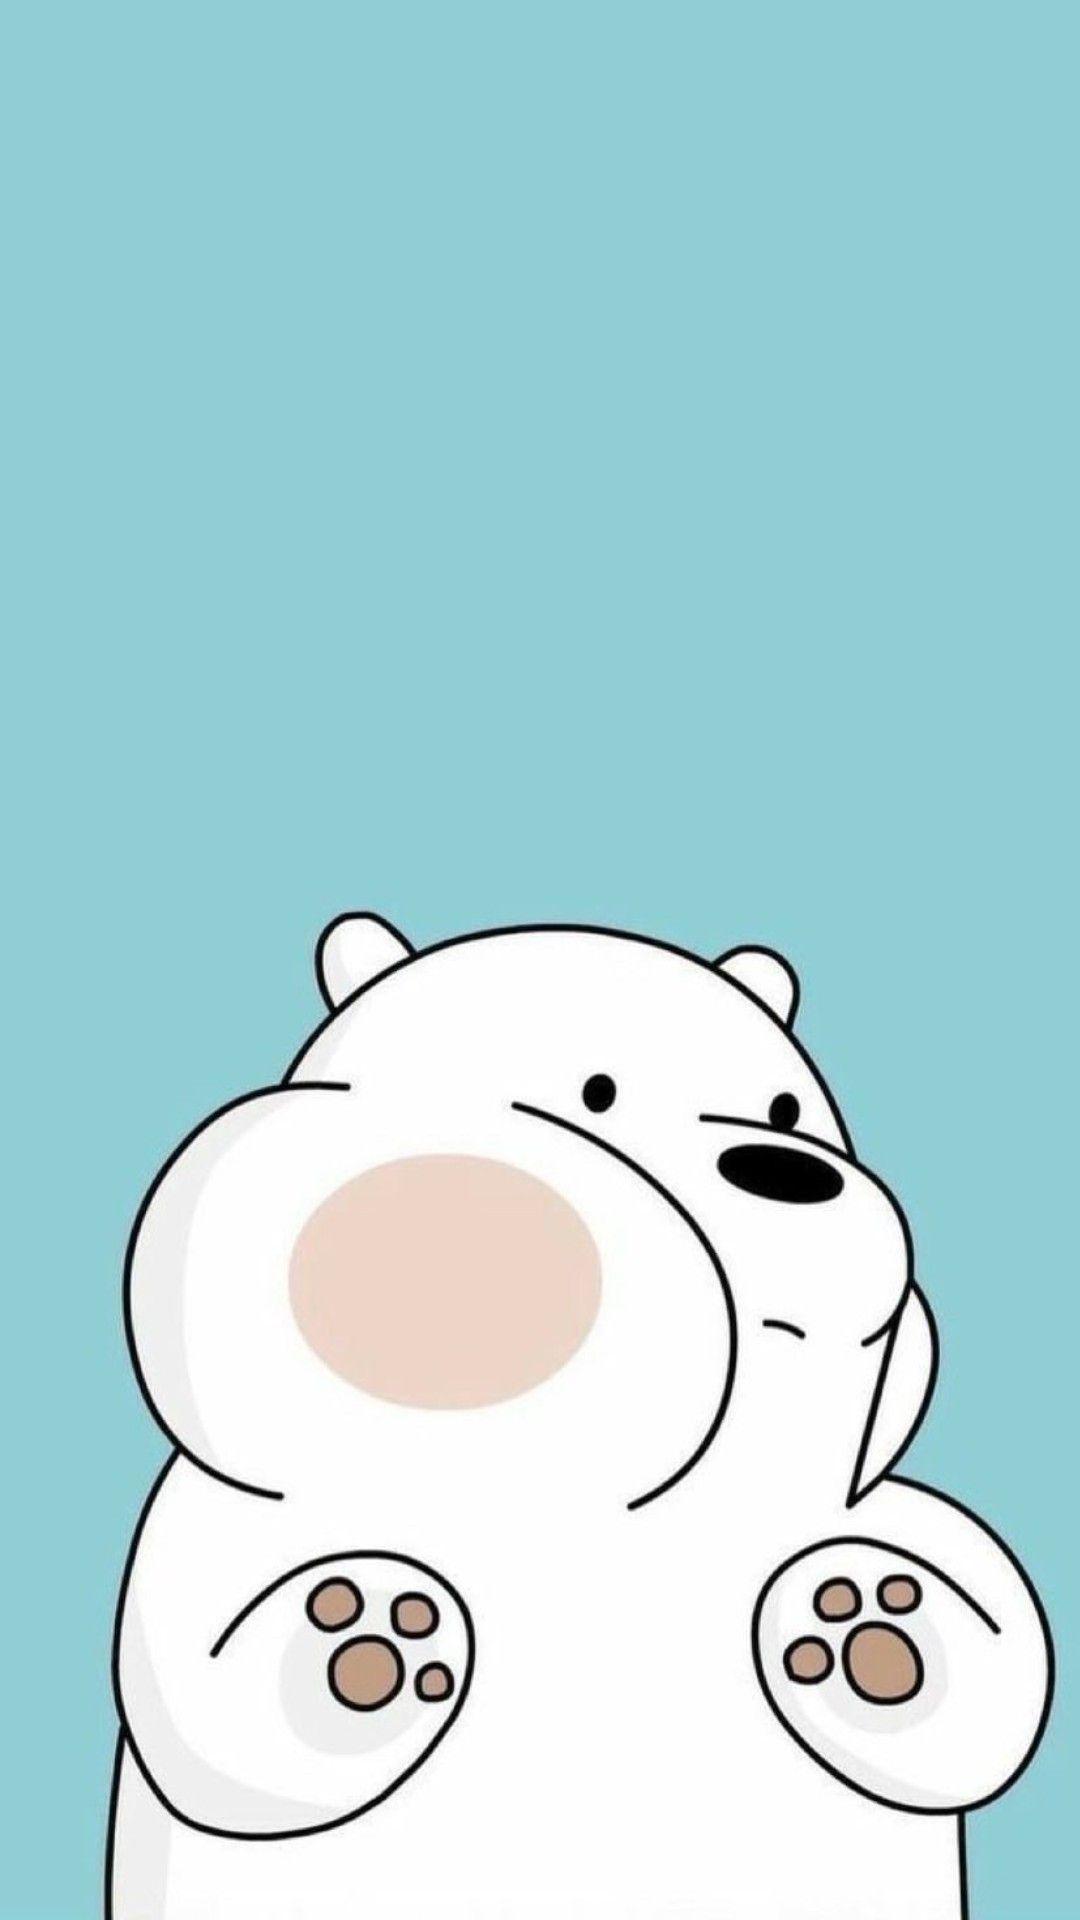 Cute Cartoon Bear Wallpapers Top Free Cute Cartoon Bear Backgrounds Wallpaperaccess